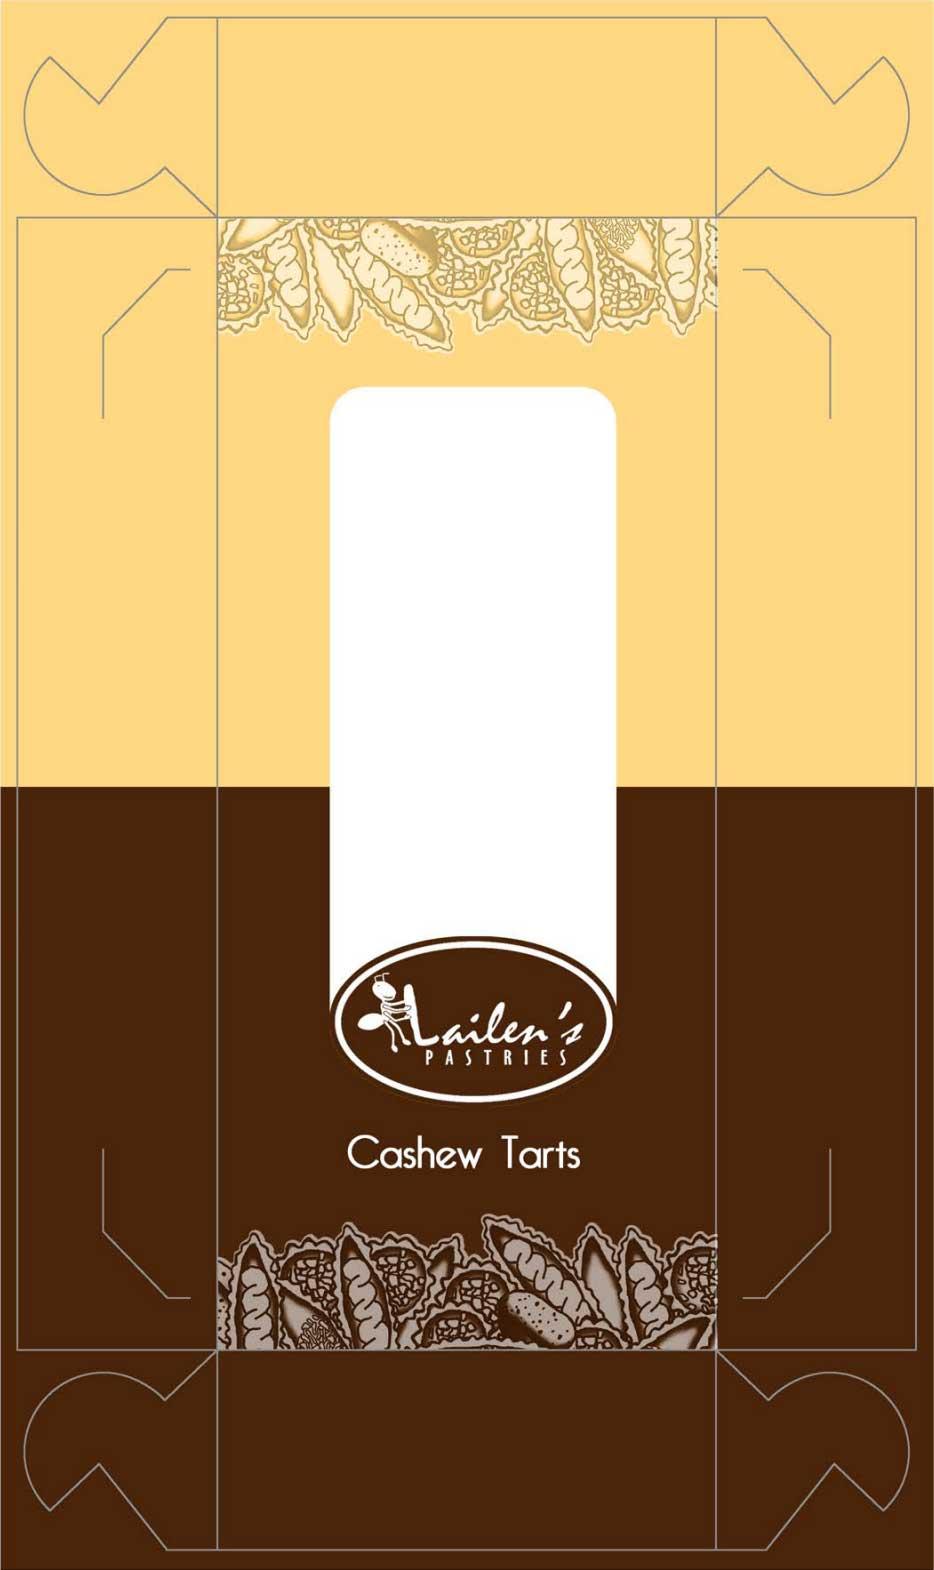 Lailen's Pastries' old box design.